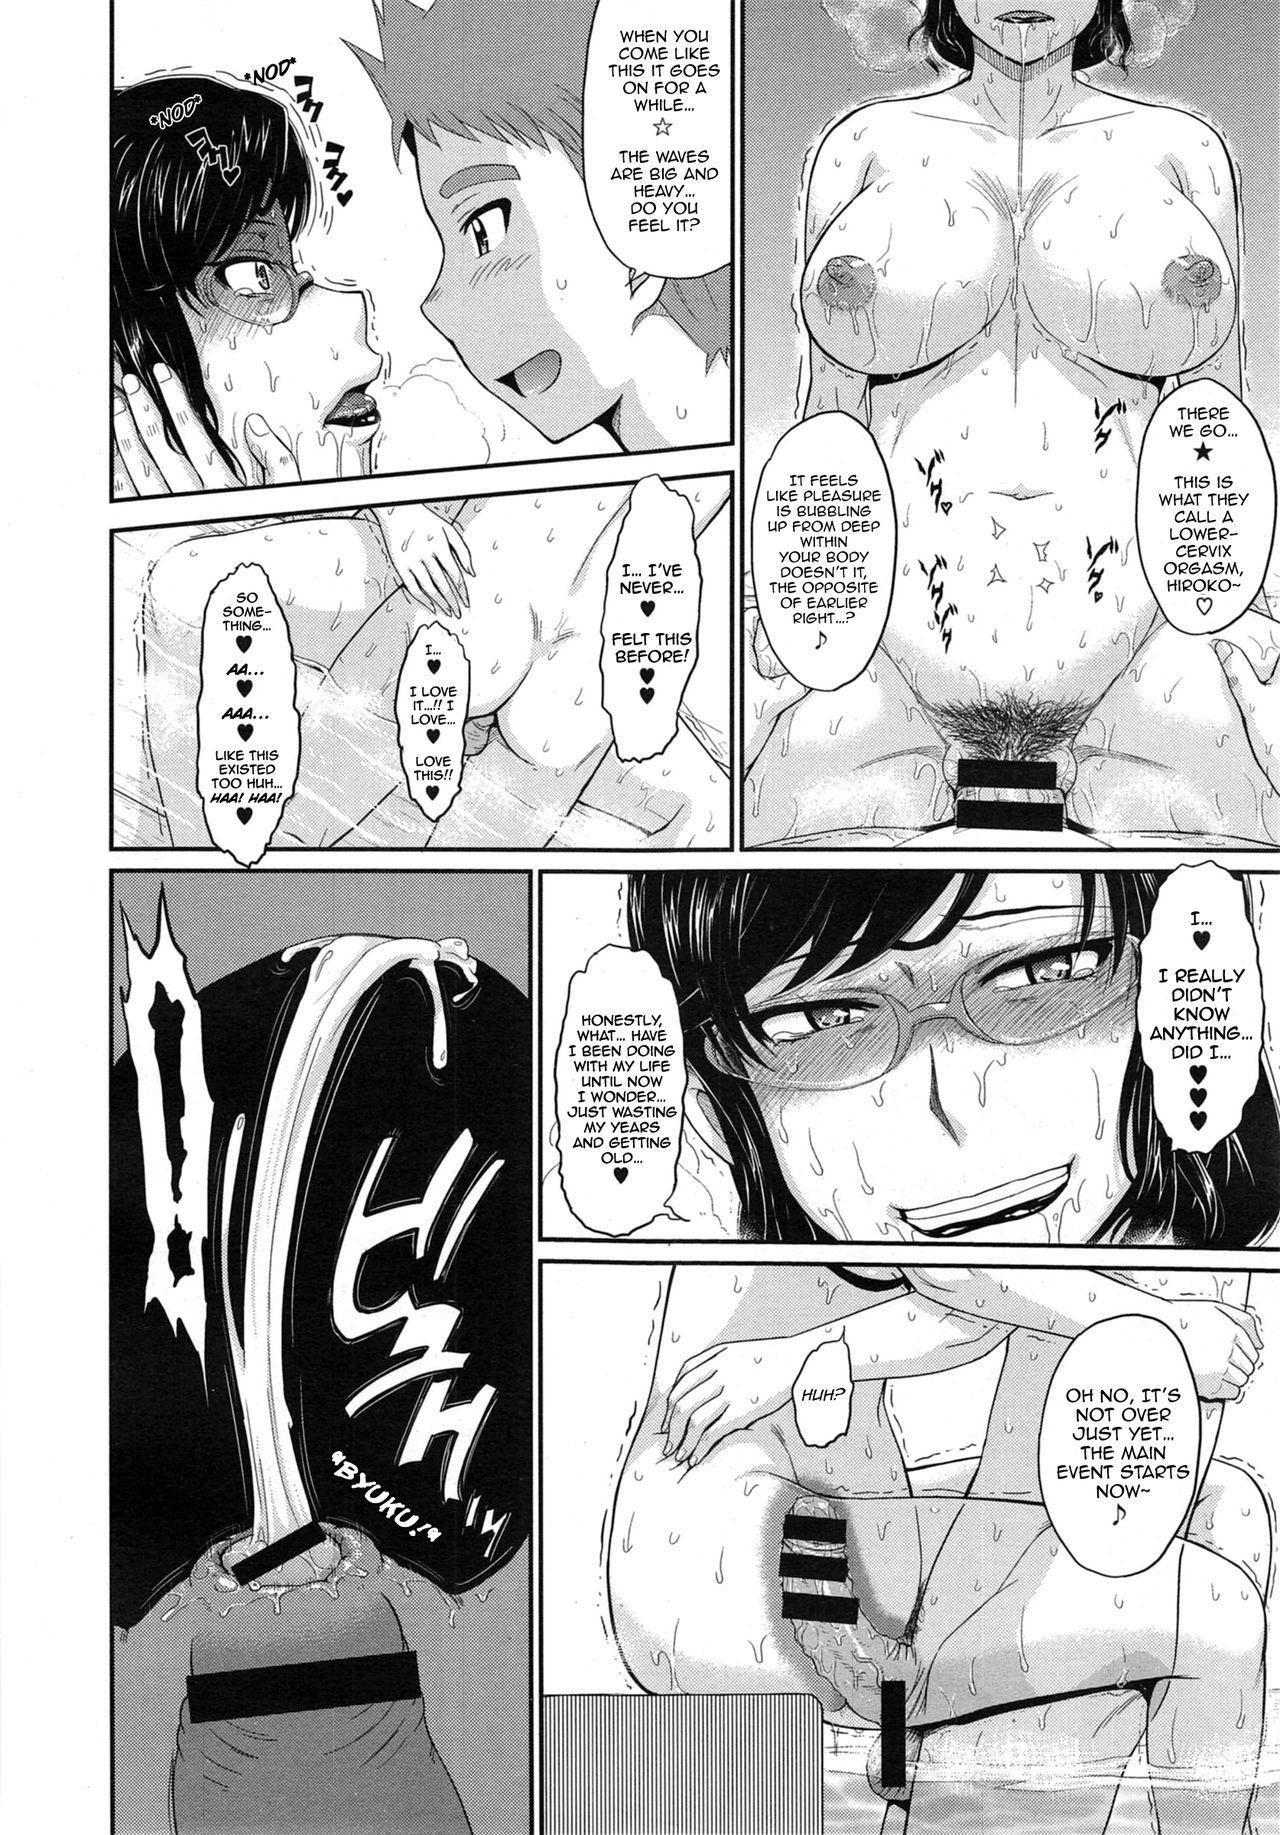 Yukemuri Jouwa - A Steamy Love Story 21